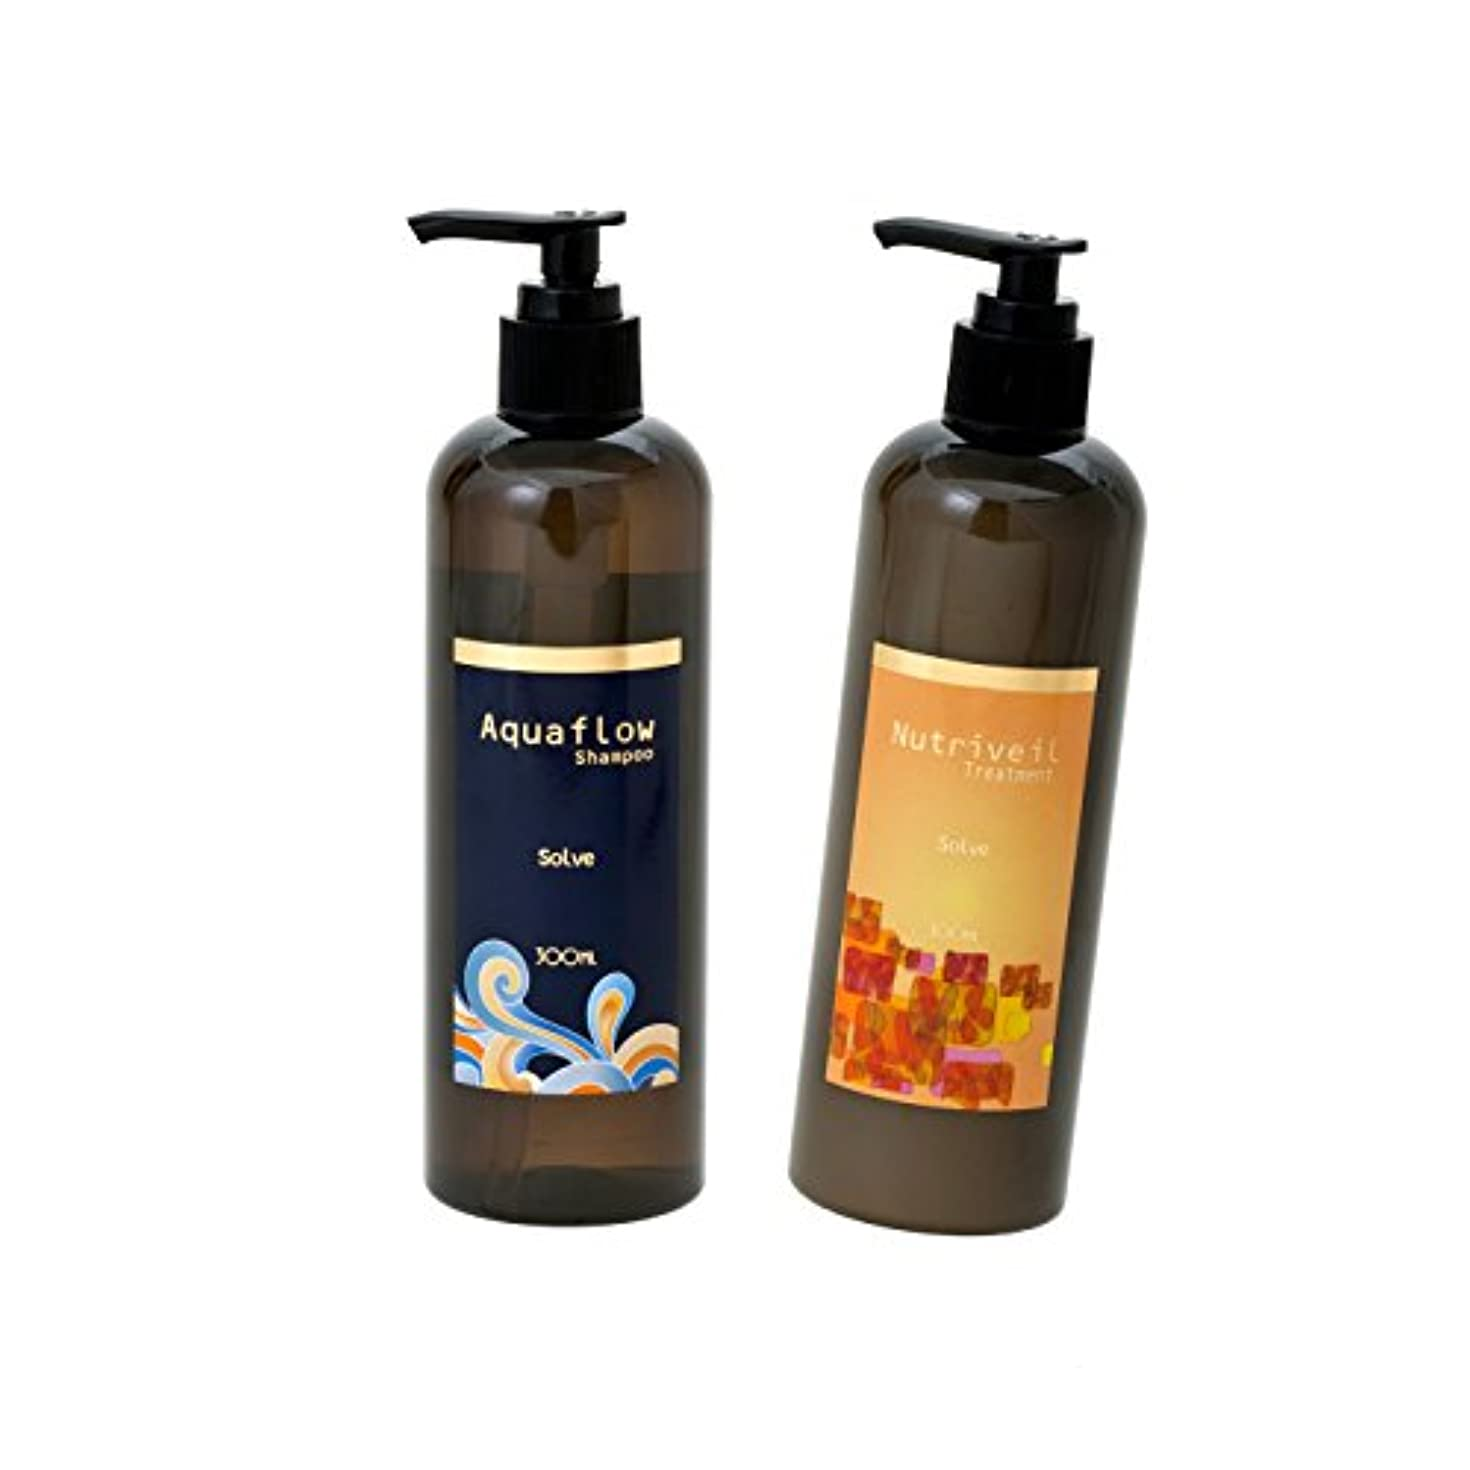 マーケティングエンターテインメントぼかす縮毛矯正した髪を栄養そのもので洗うsolve|ソルブシャンプー「Aquaflow_アクアフロー」ソルブトリートメント「Nutriveil_ニュートリヴェール」セット|カラーの繰り返しで大きくダメージした髪のケアにも。 (300ml_set)